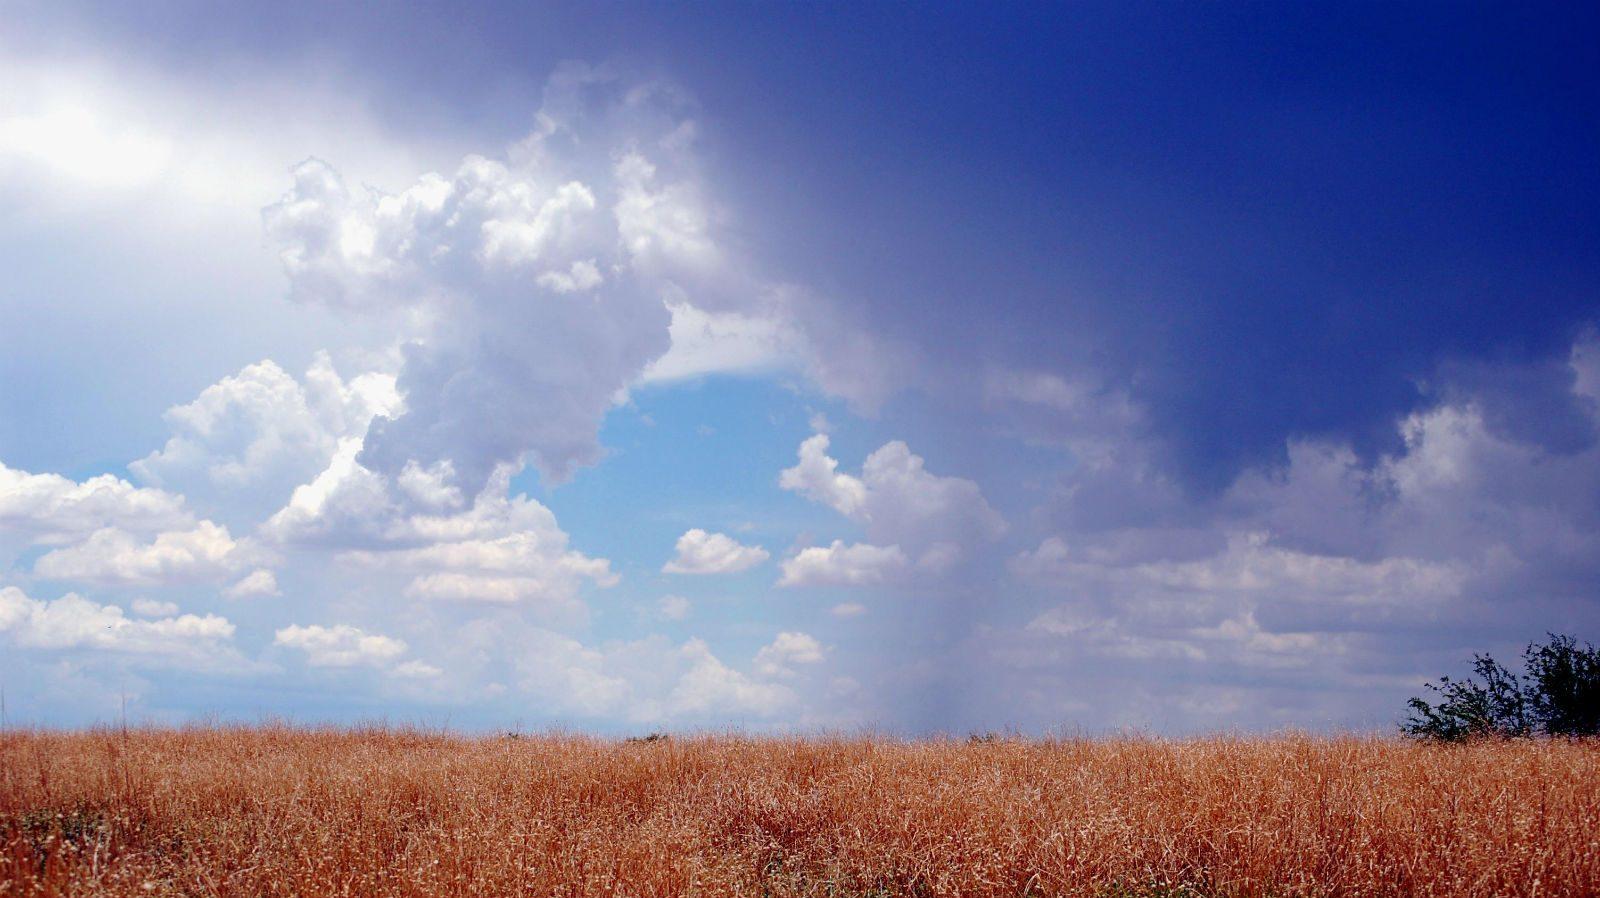 Hvad er klima? Bliv klogere på, hvordan vi definerer klima i denne artikel.